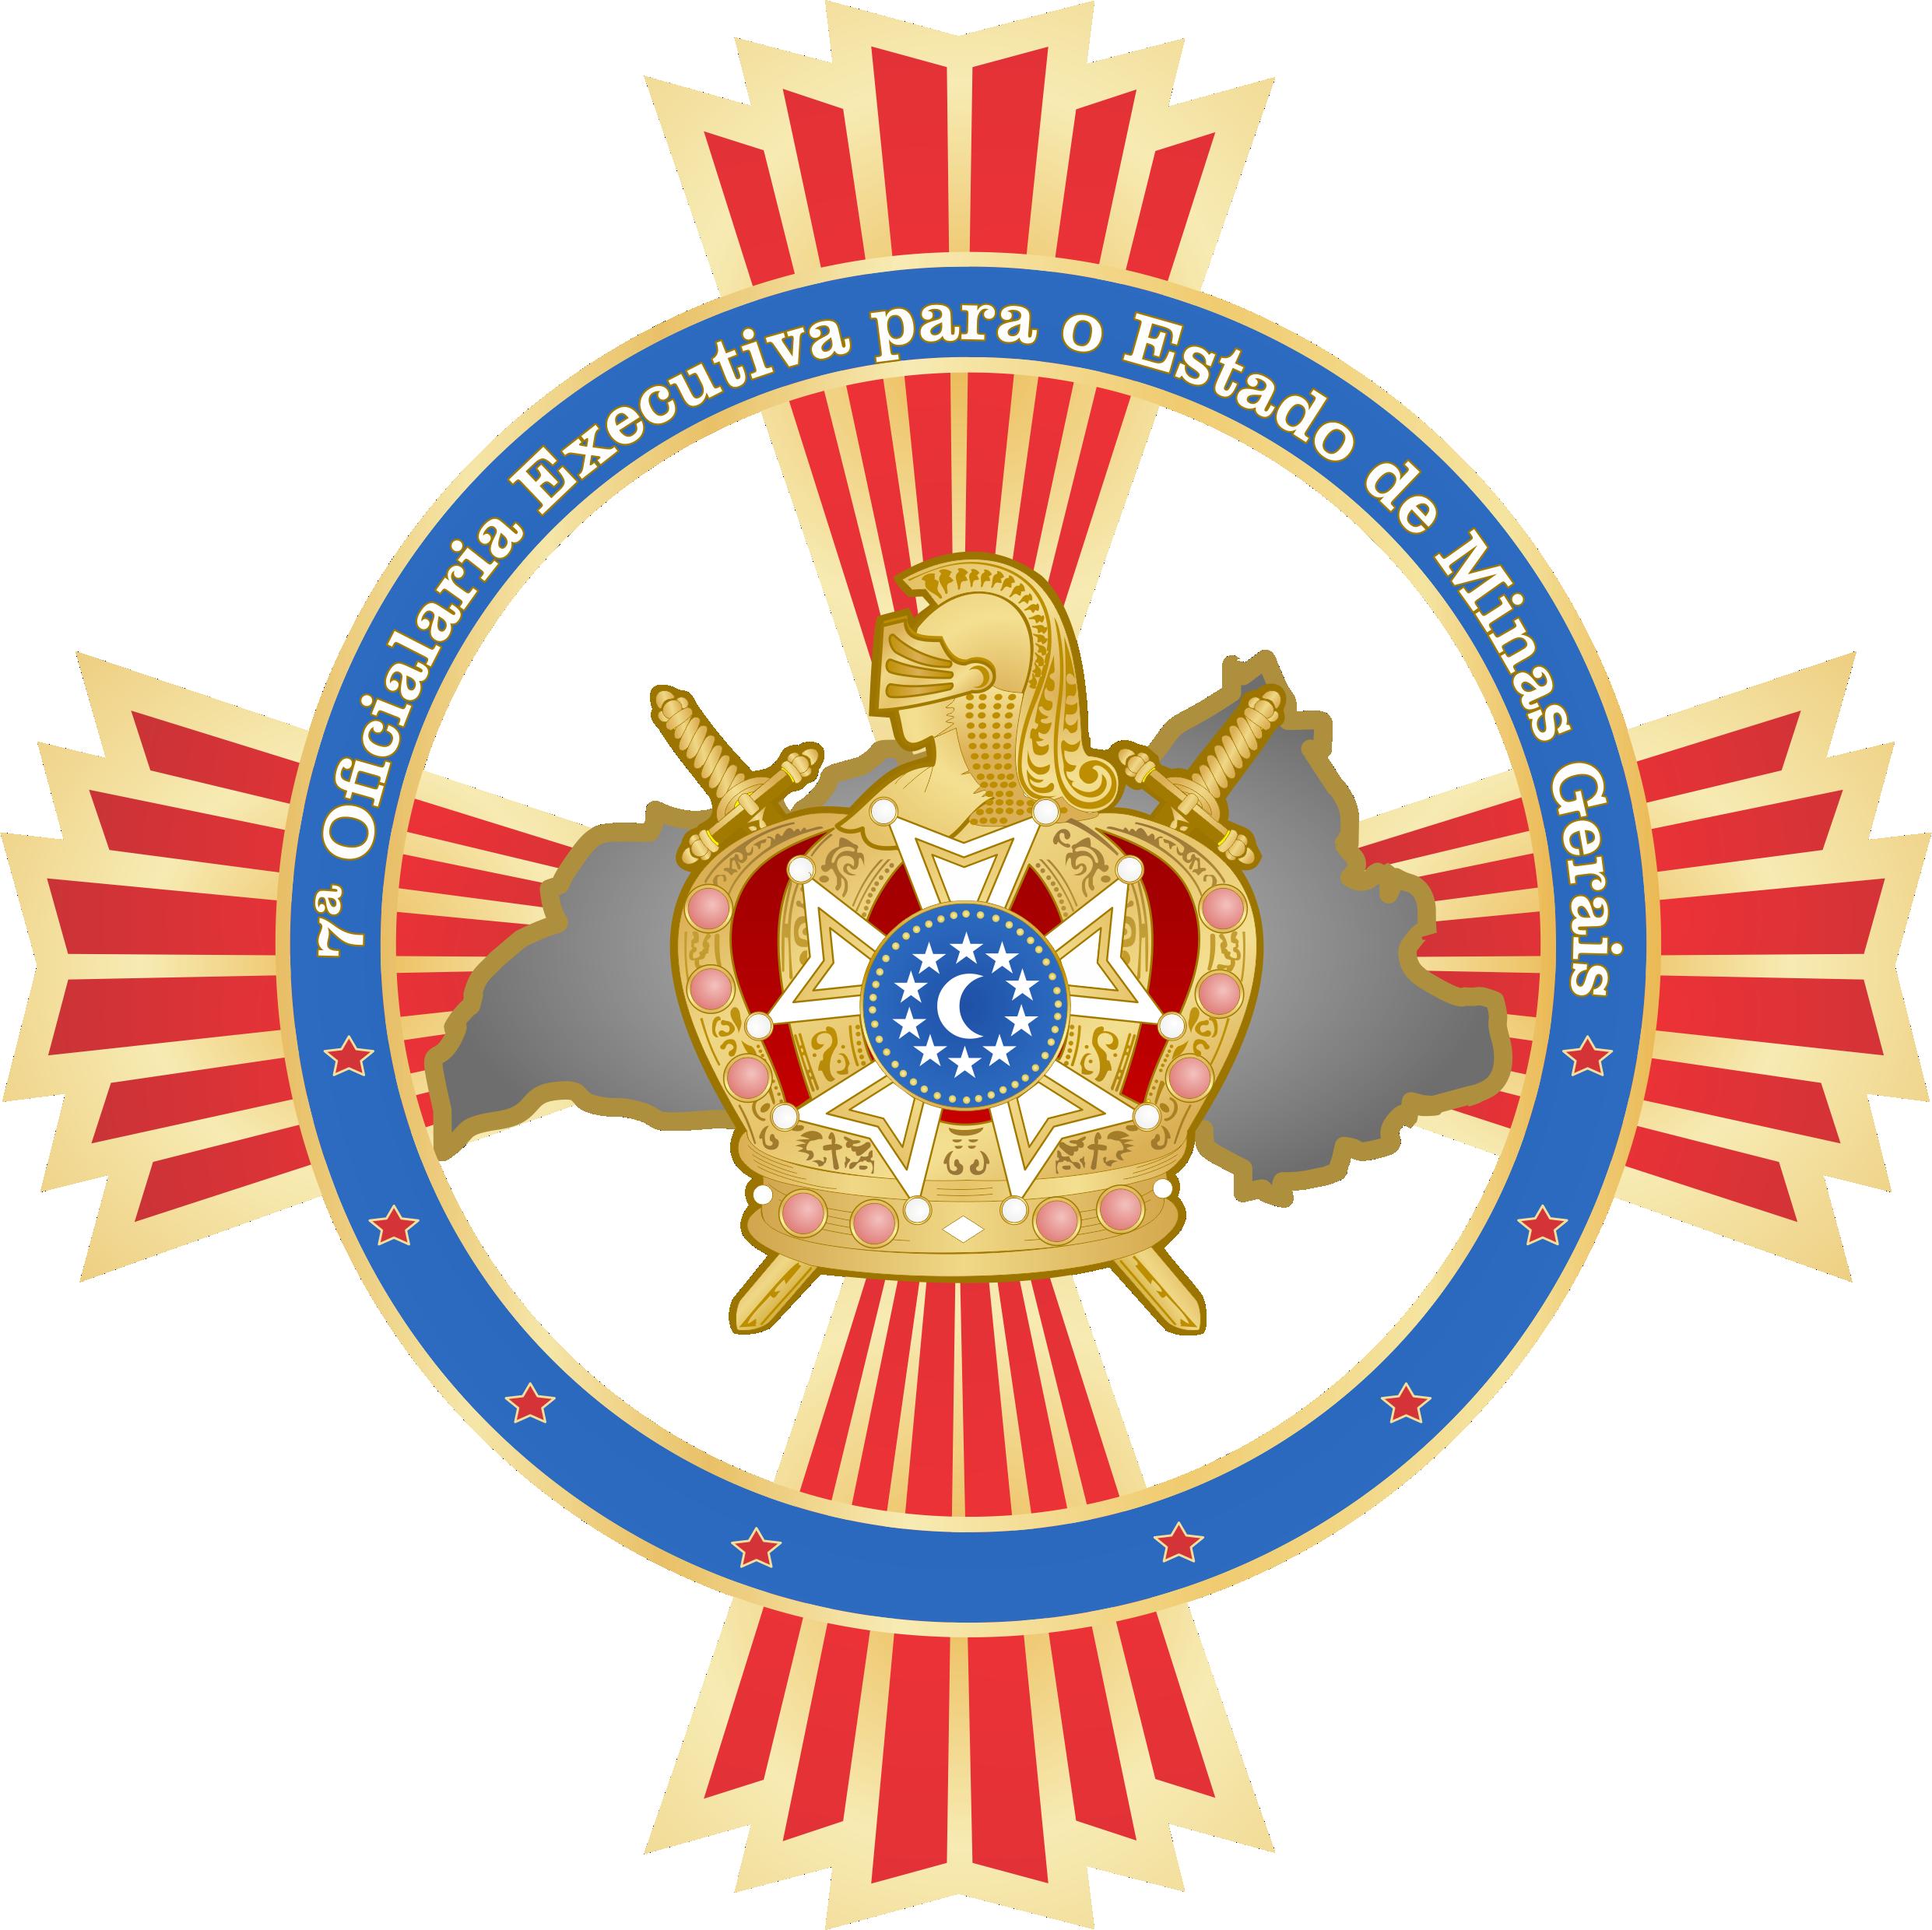 7ª Oficialaria Executiva de MG